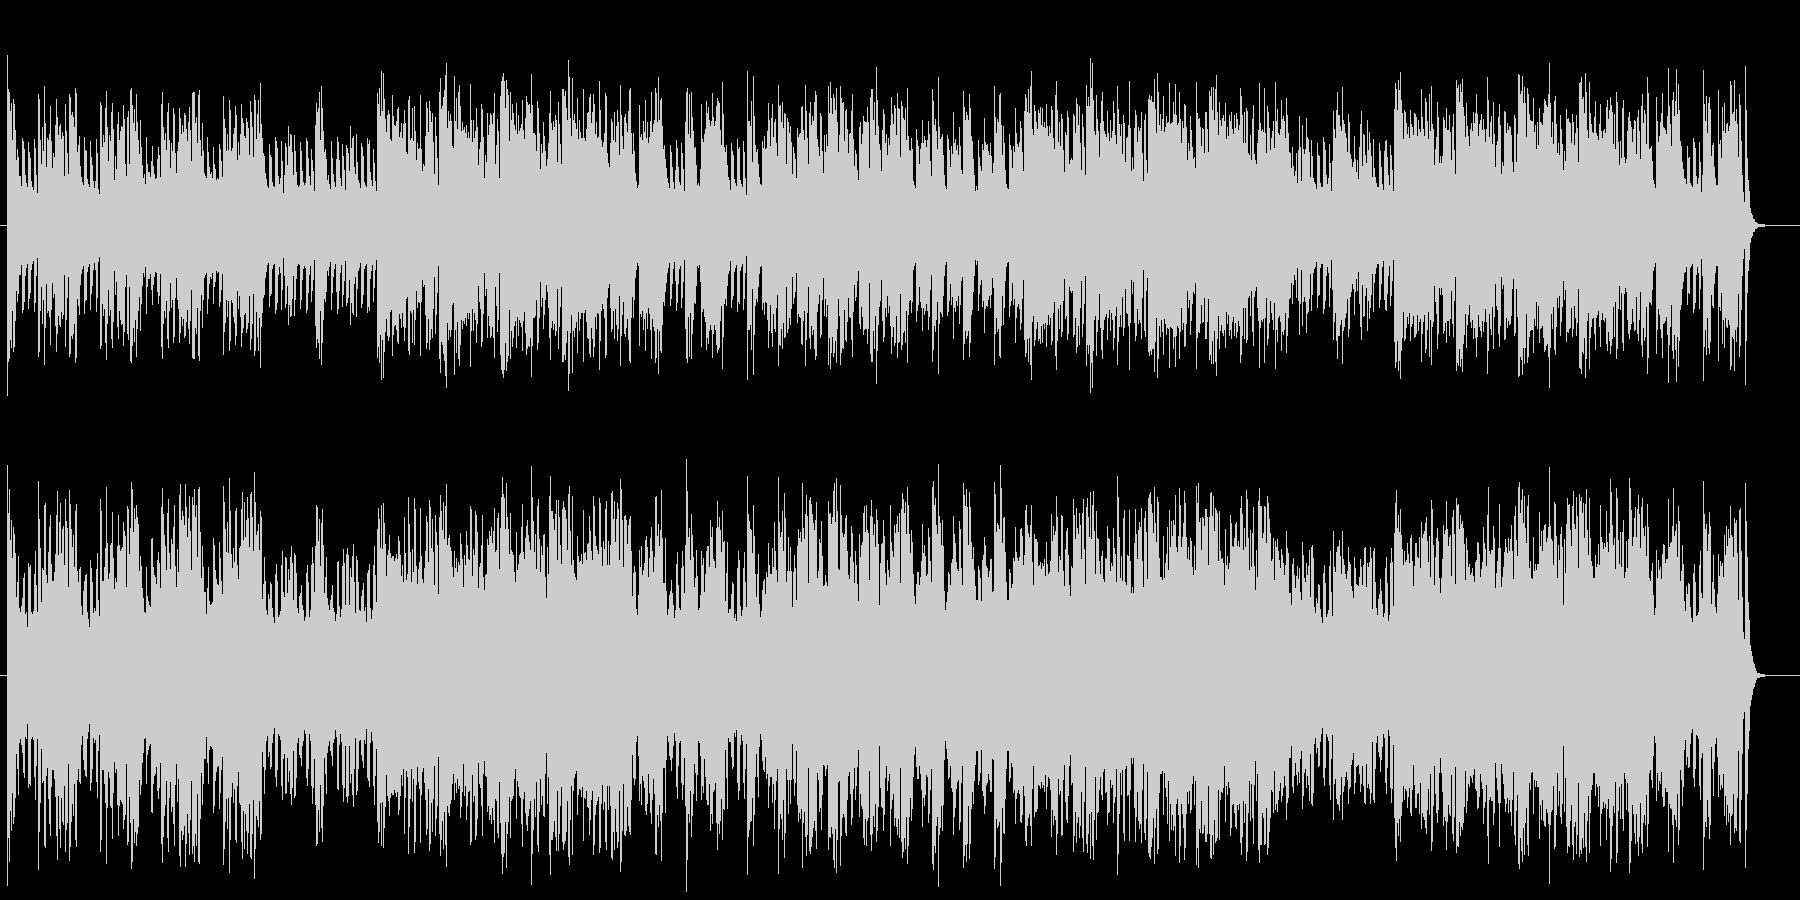 かっこいいシンセサイザーミュージックの未再生の波形